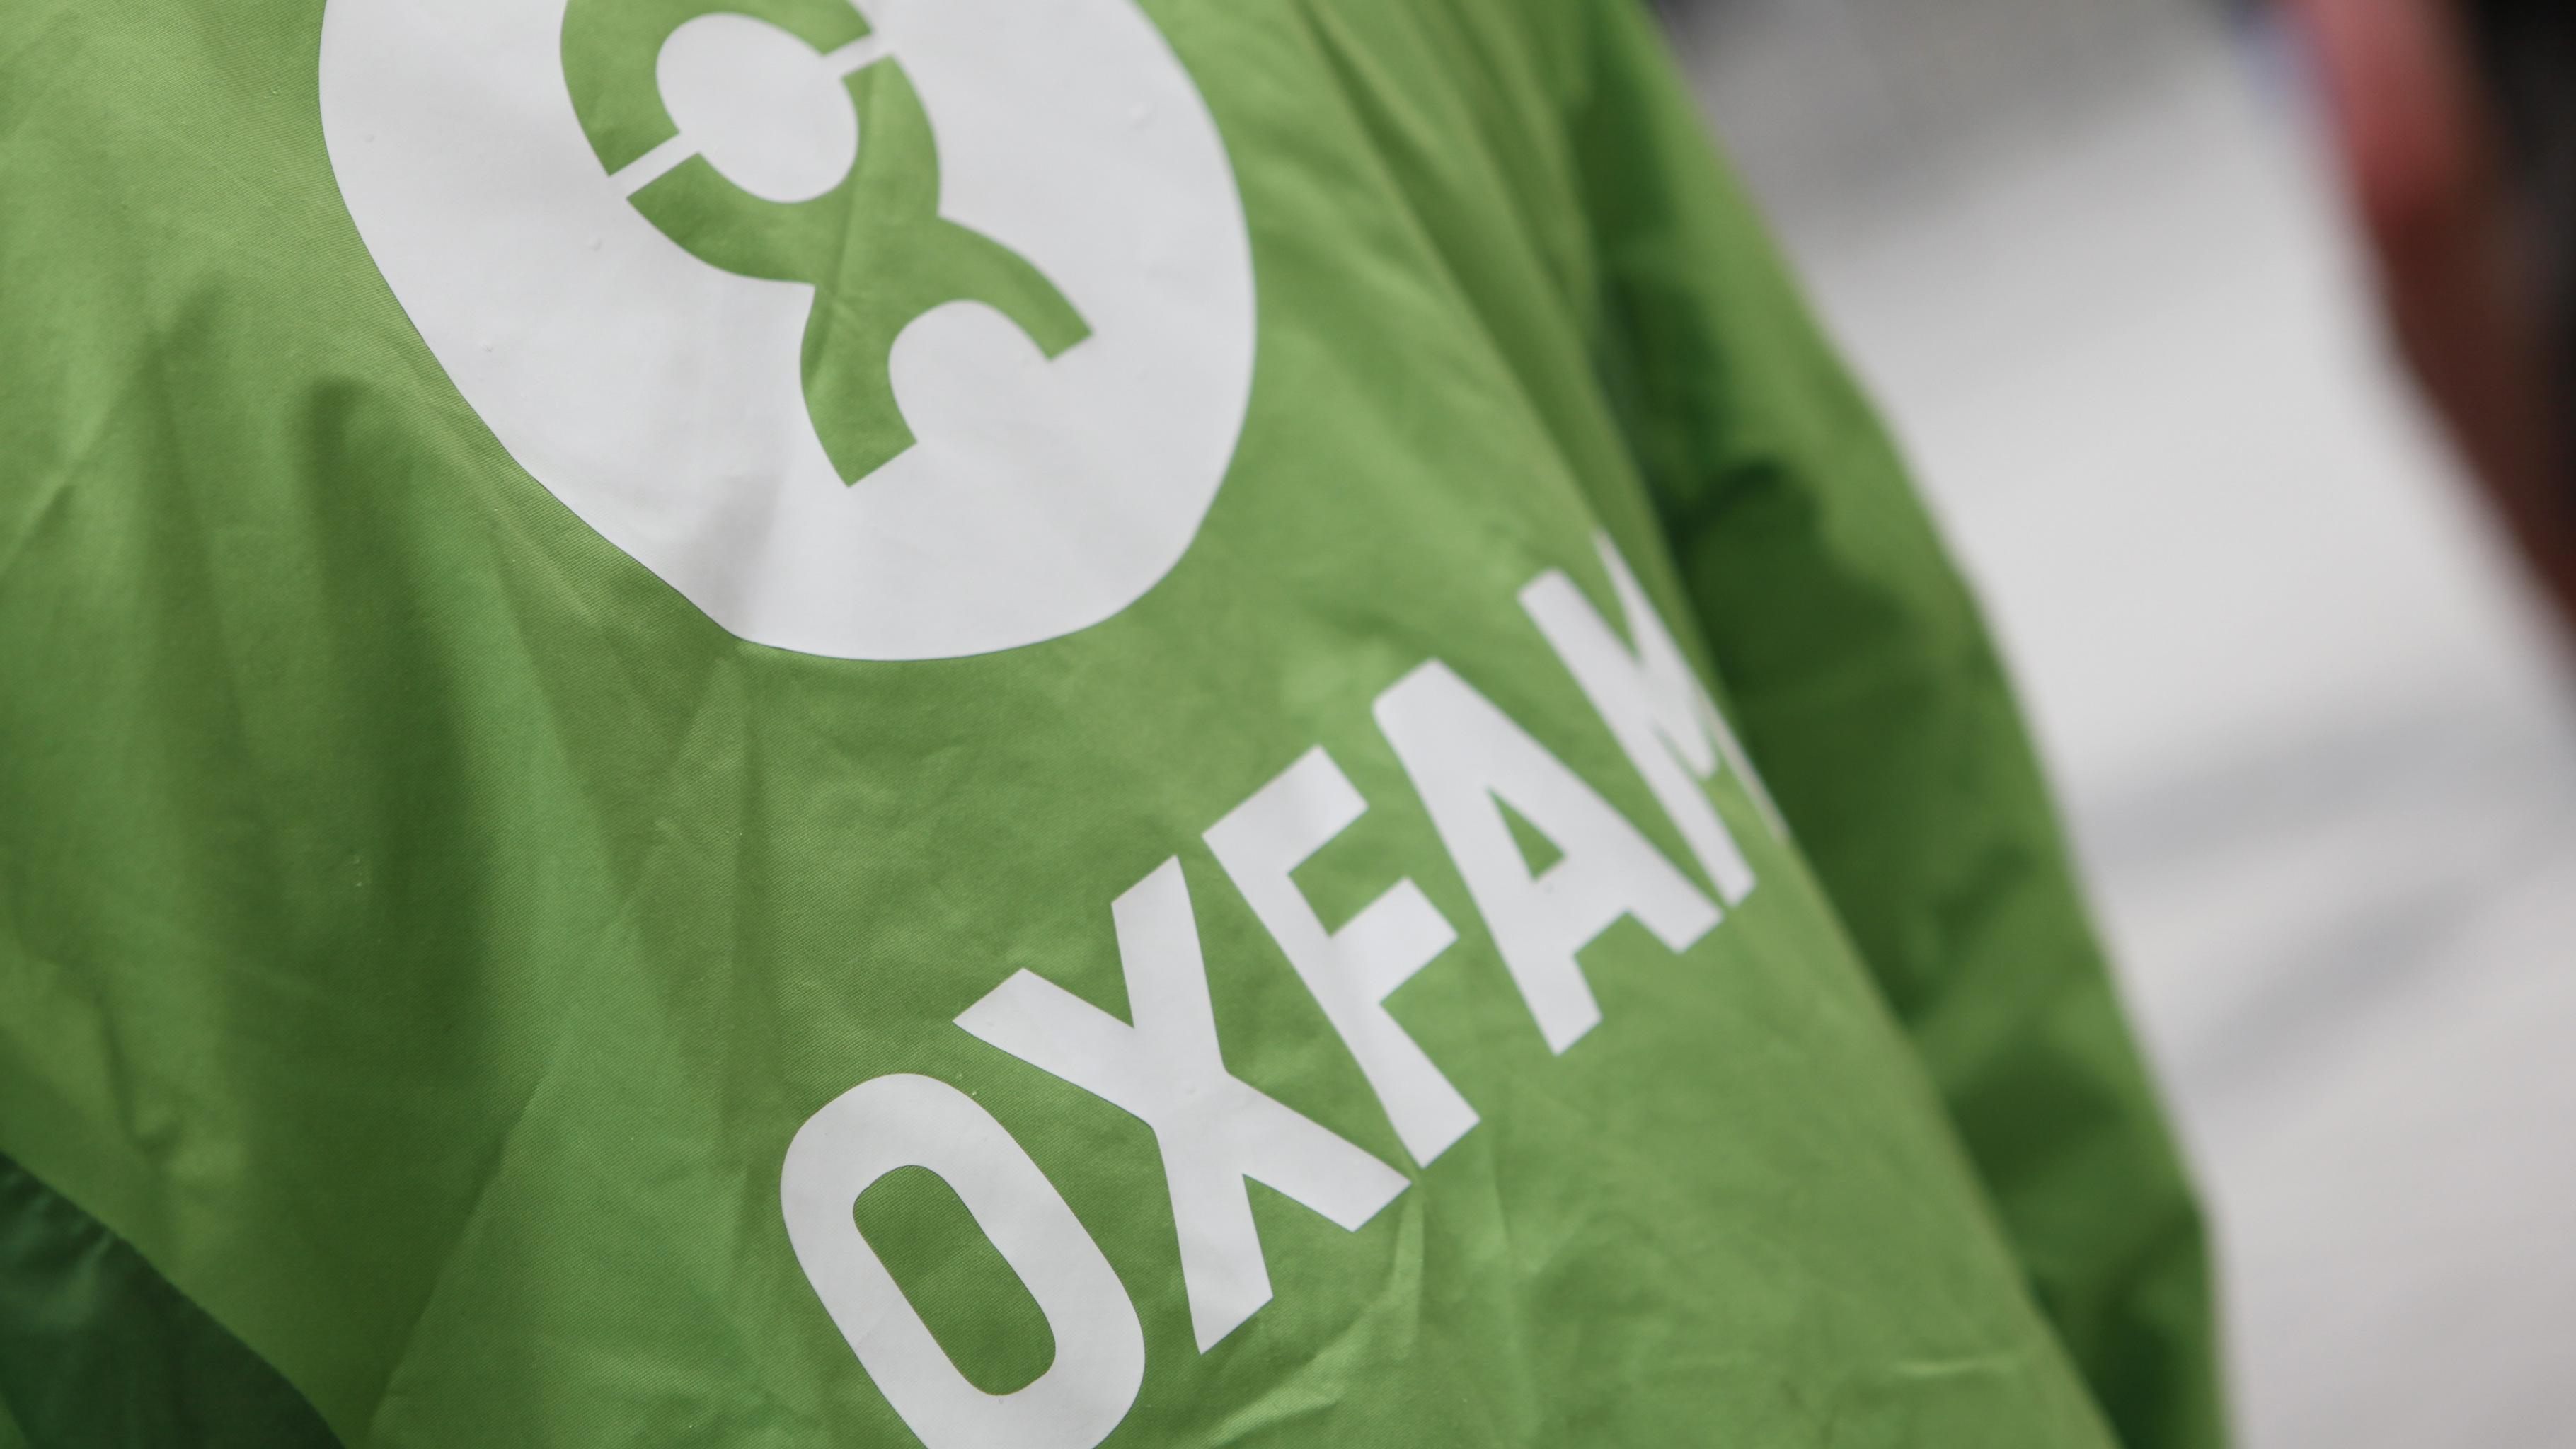 Oxfam-Logo auf einer Jacke